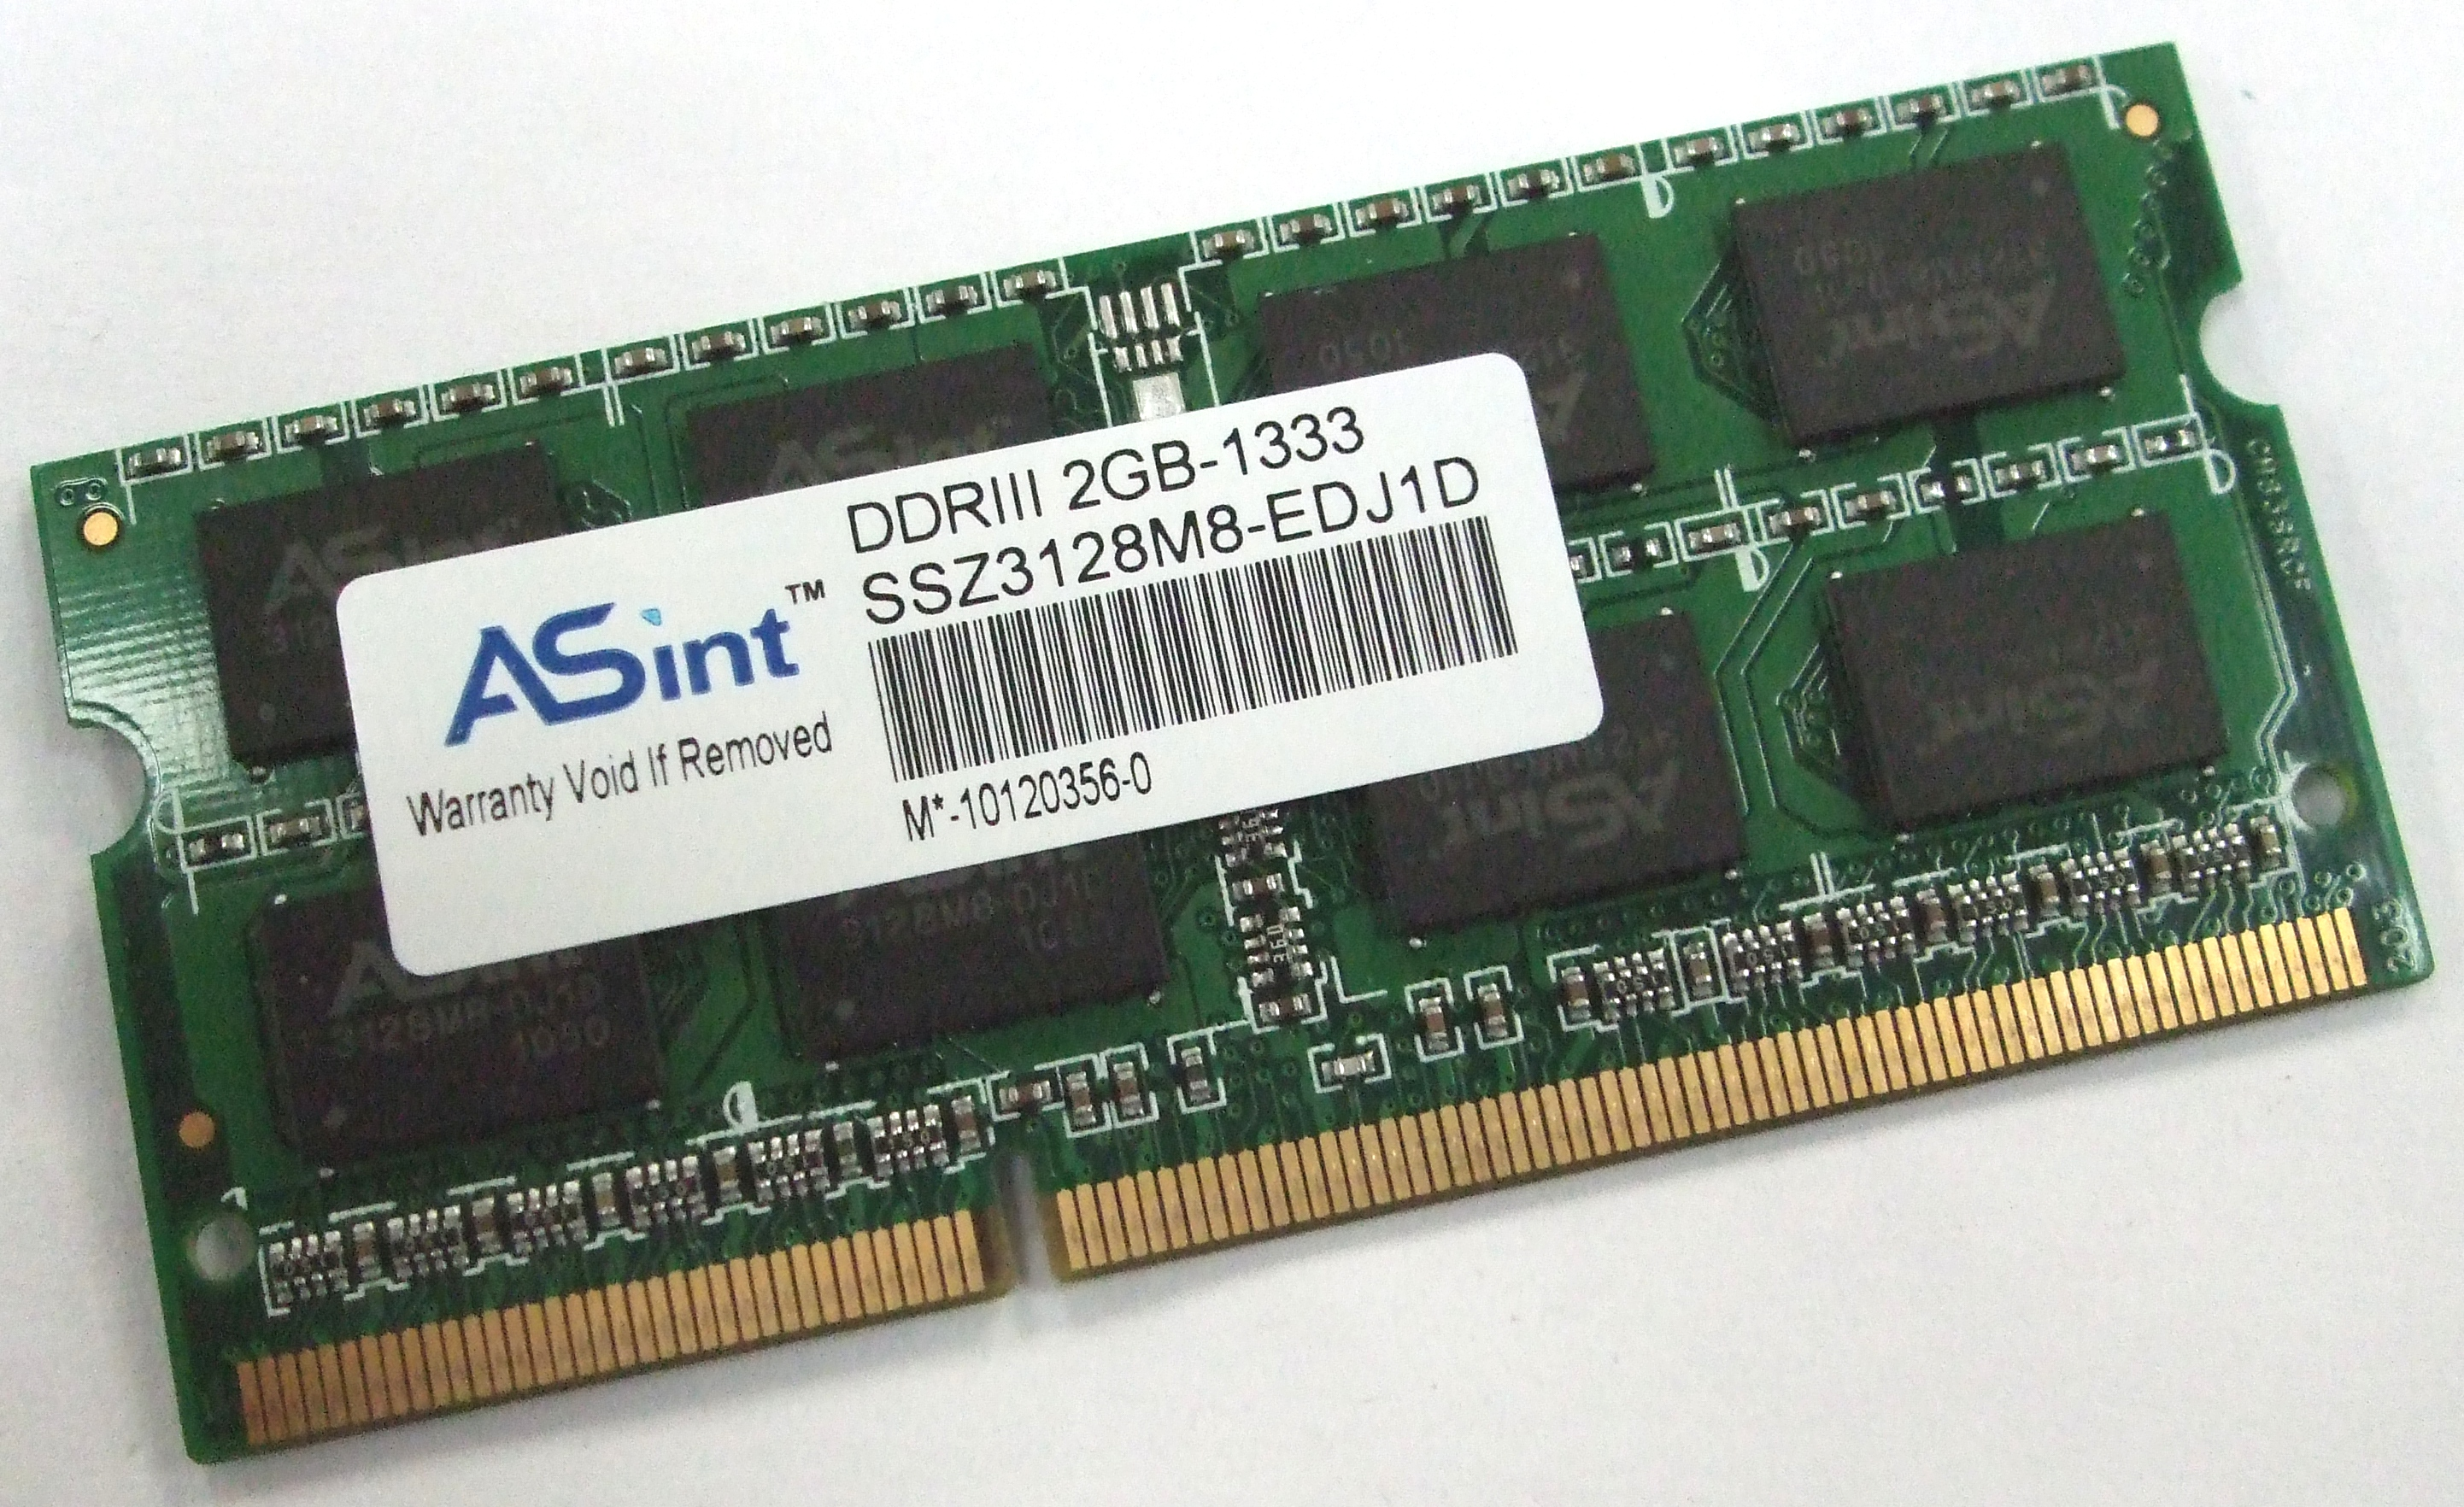 Ram Laptop DDR3 DDR4L 4G 8G 16G, trao đổi 2G 4G lấy 8G 16G, thu mua Ram Laptop Cũ ở Gò Vấp - 8